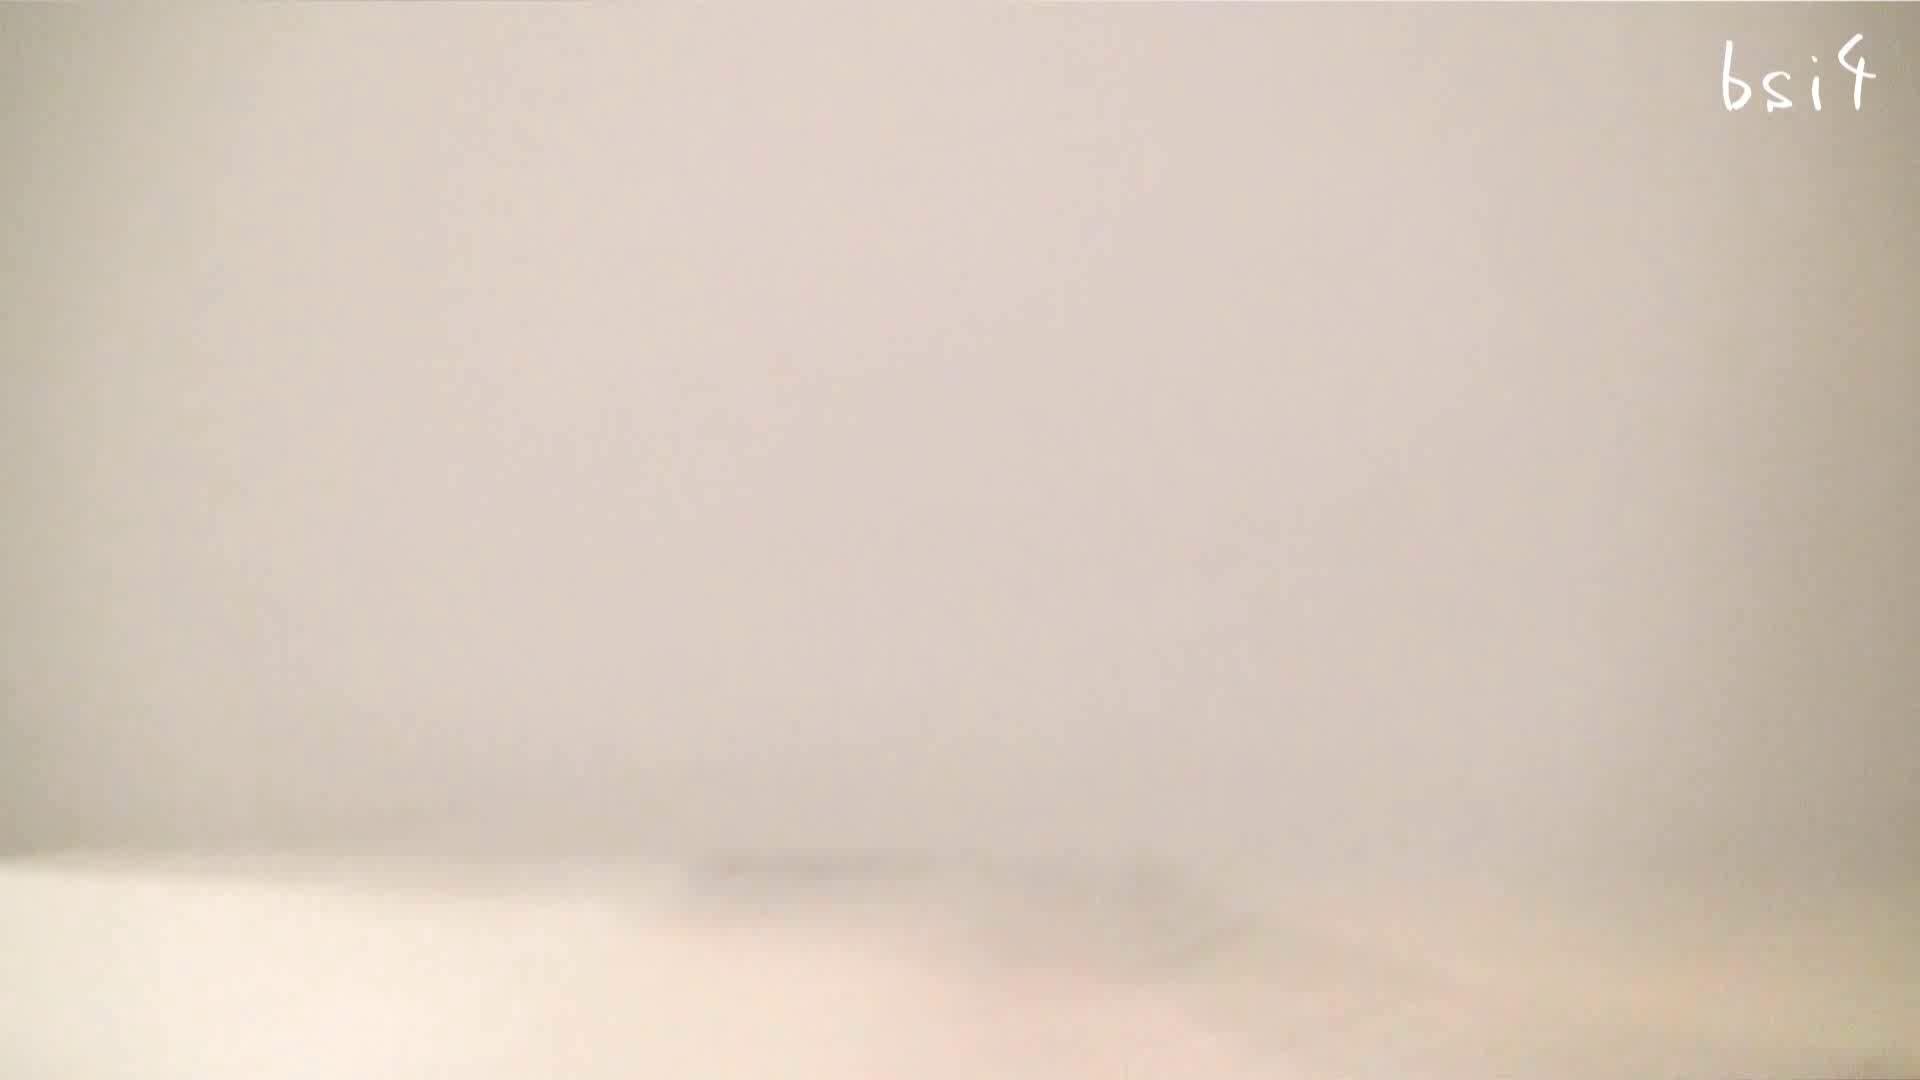 ナースのお小水 vol.004 お姉さんの下半身 | ナースのエロ動画  86PIX 53